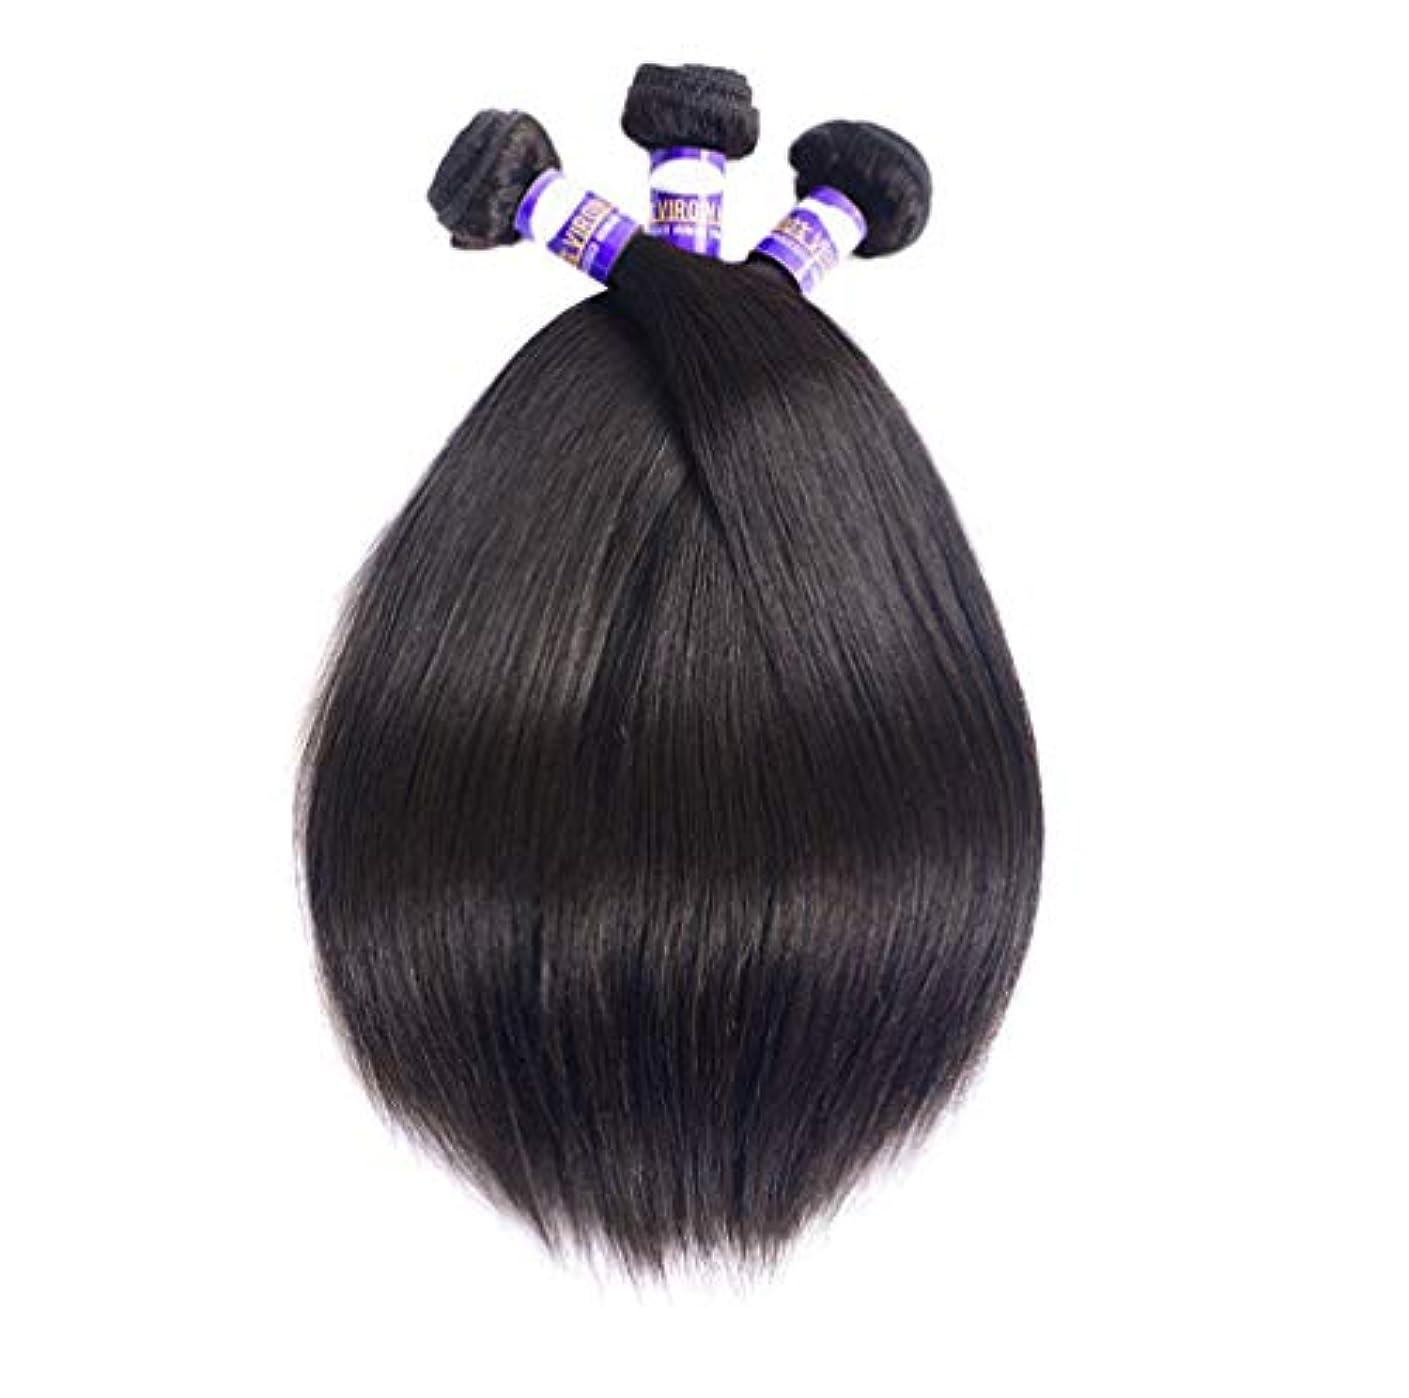 不快なギャップ制約女性ブラジル髪織り髪束ストレートフリーパーツ未処理ブラジルストレート髪バンドル8Aストレート人間の髪の束(3バンドル)